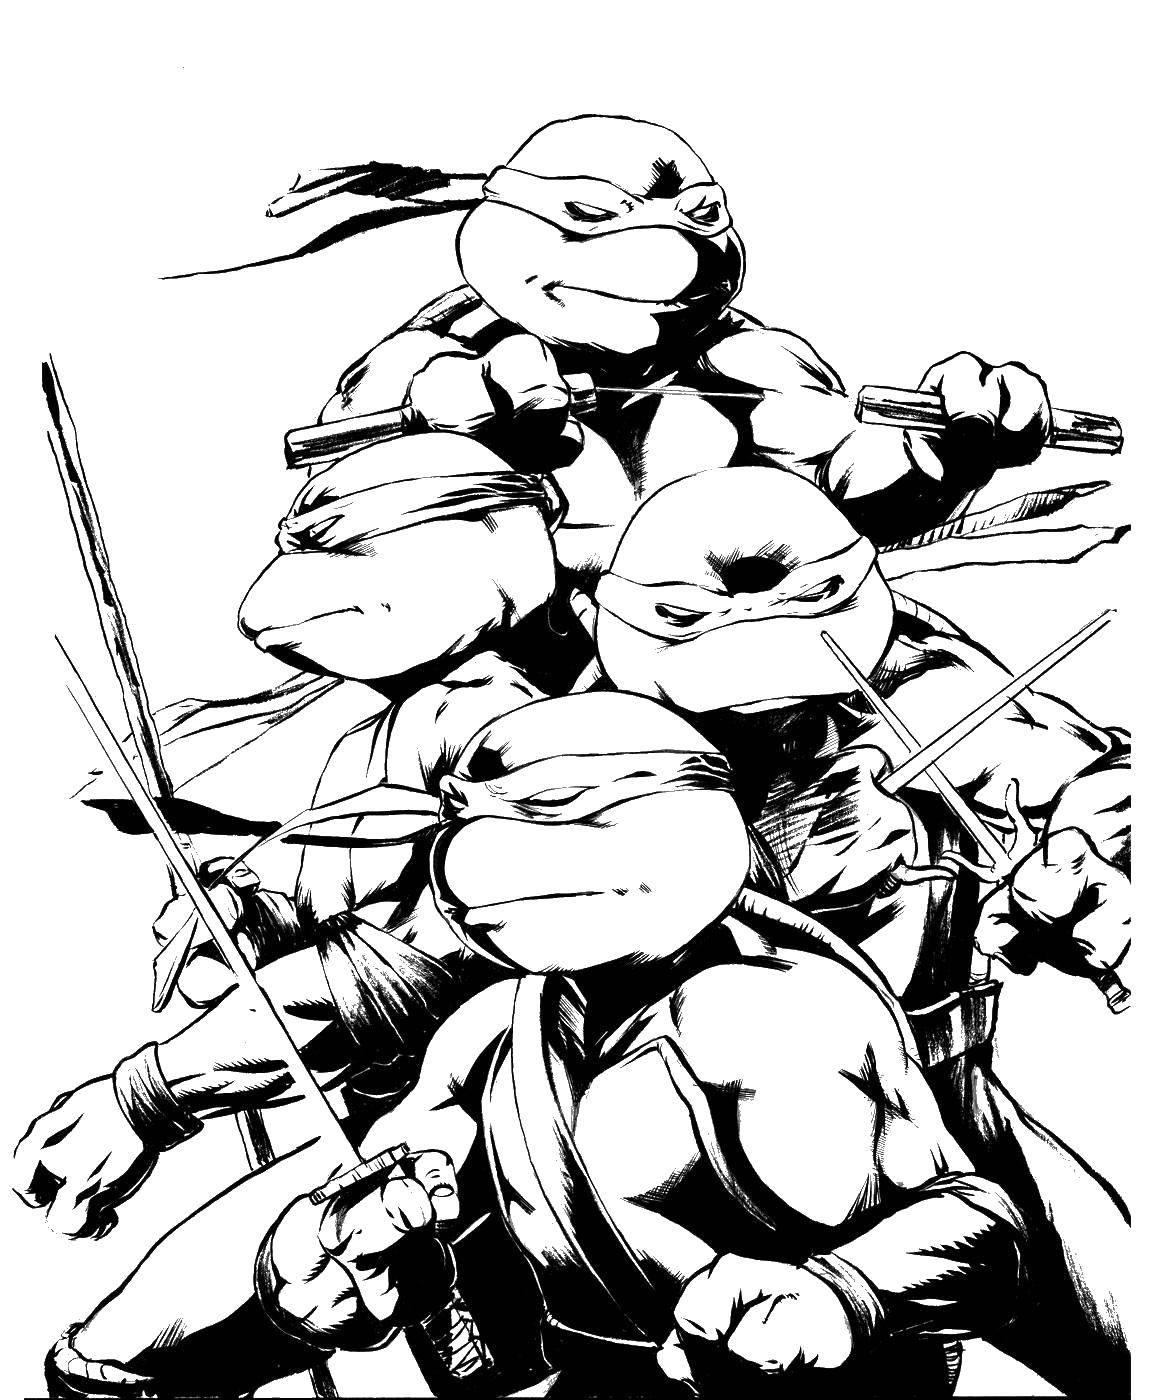 Раскраска Команда черепашек ниндзя, комиксы Скачать Комиксы, Черепашки Ниндзя.  Распечатать ,ниндзя,